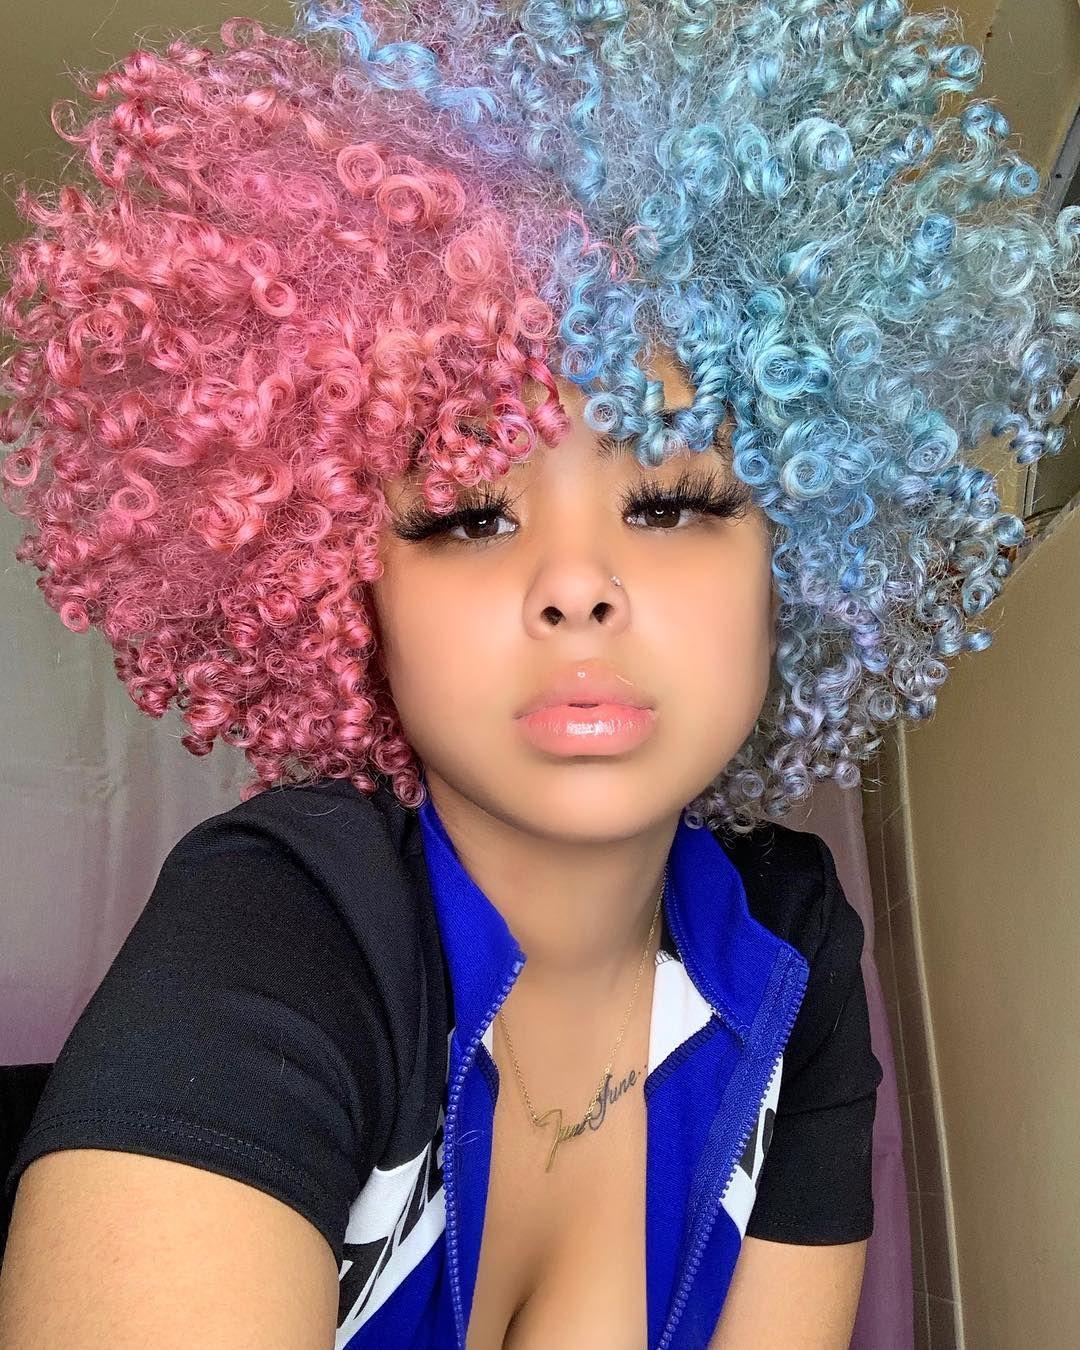 Rassstta On Instagram Cotton Candy Baby Hair Styles Curly Hair Styles Colored Curly Hair